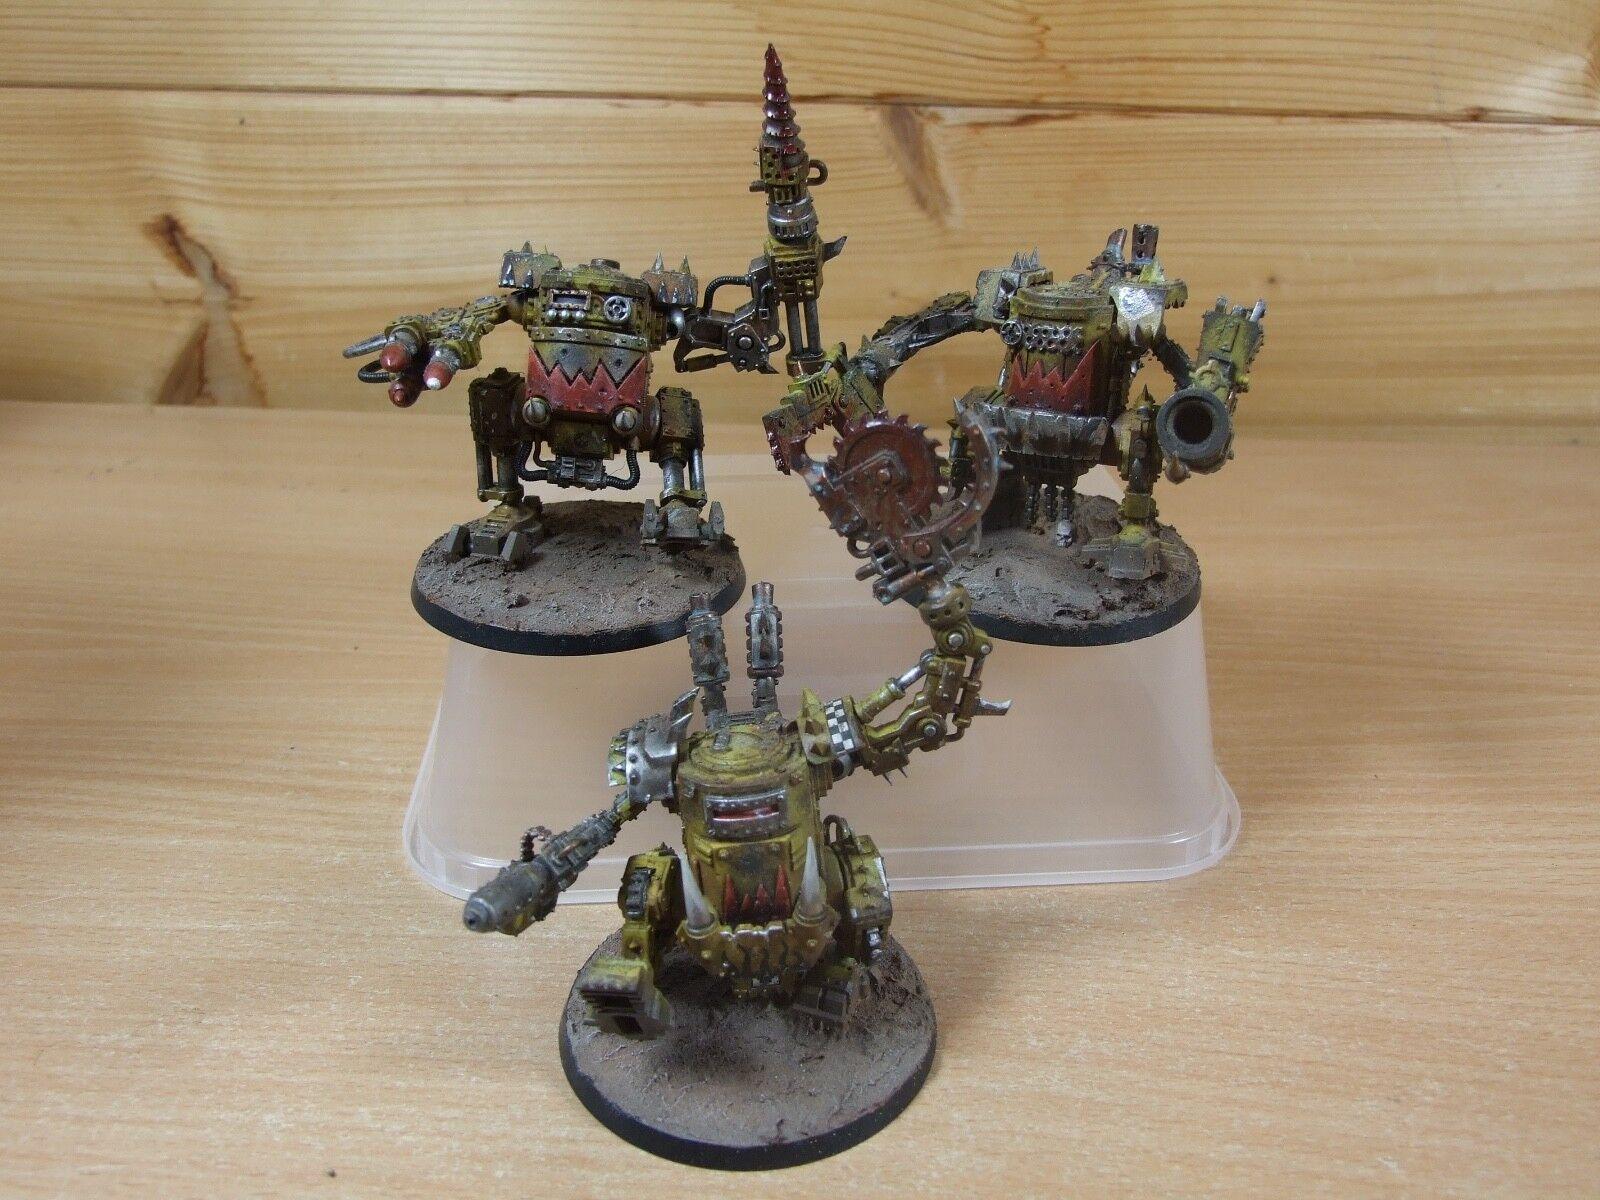 ordene ahora los precios más bajos 3 plástico bien bien bien pintados Warhammer Orko KILLA KANS (L)  todos los bienes son especiales